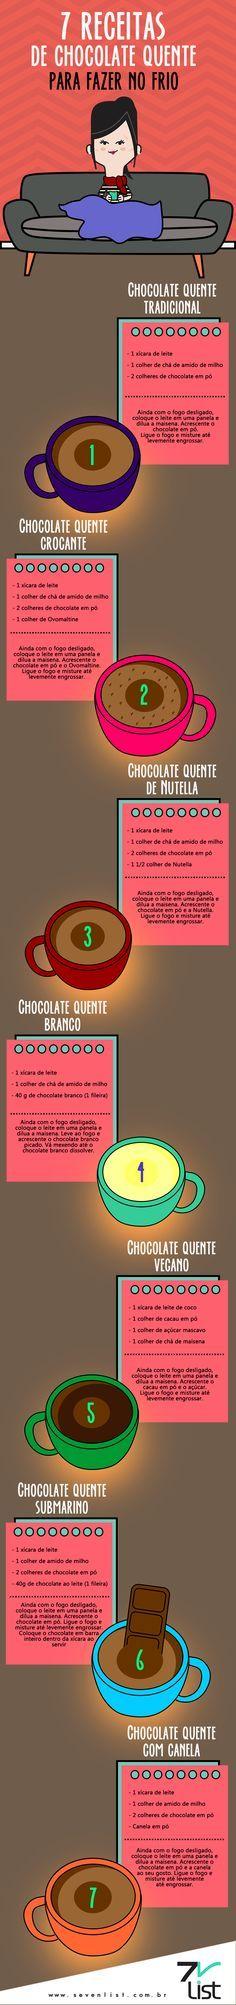 7 receitas de chocolate quente para fazer no frio